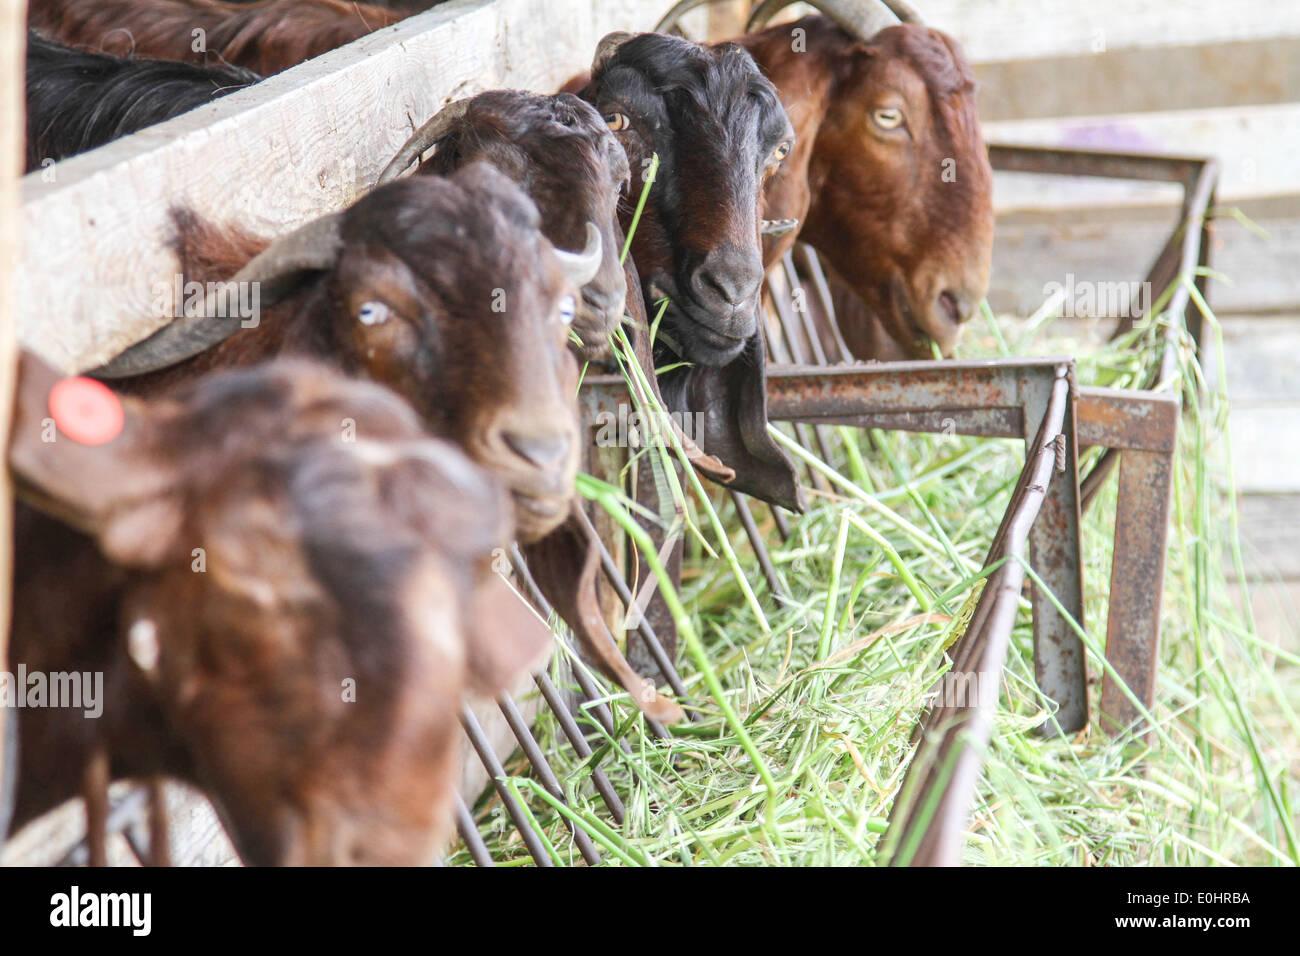 Les chèvres mangent du foin dans une ferme laitière pen Photo Stock